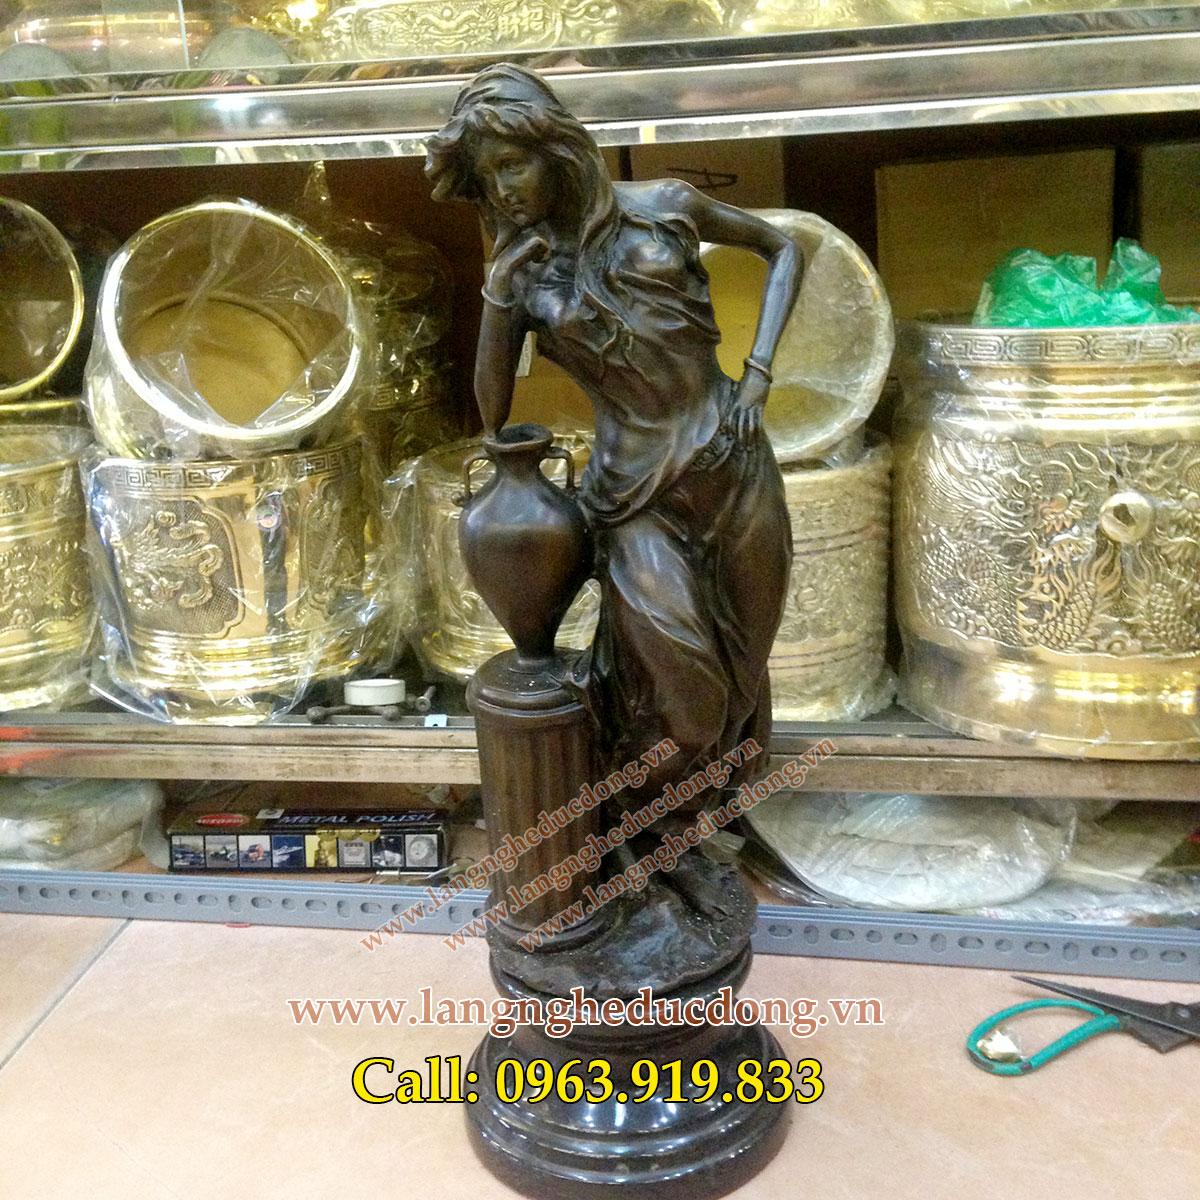 langngheducdong.vn - tượng đồng trang trí, tượng nghệ thuật, tượng trang trí phòng khách, trang trí tủ kệ